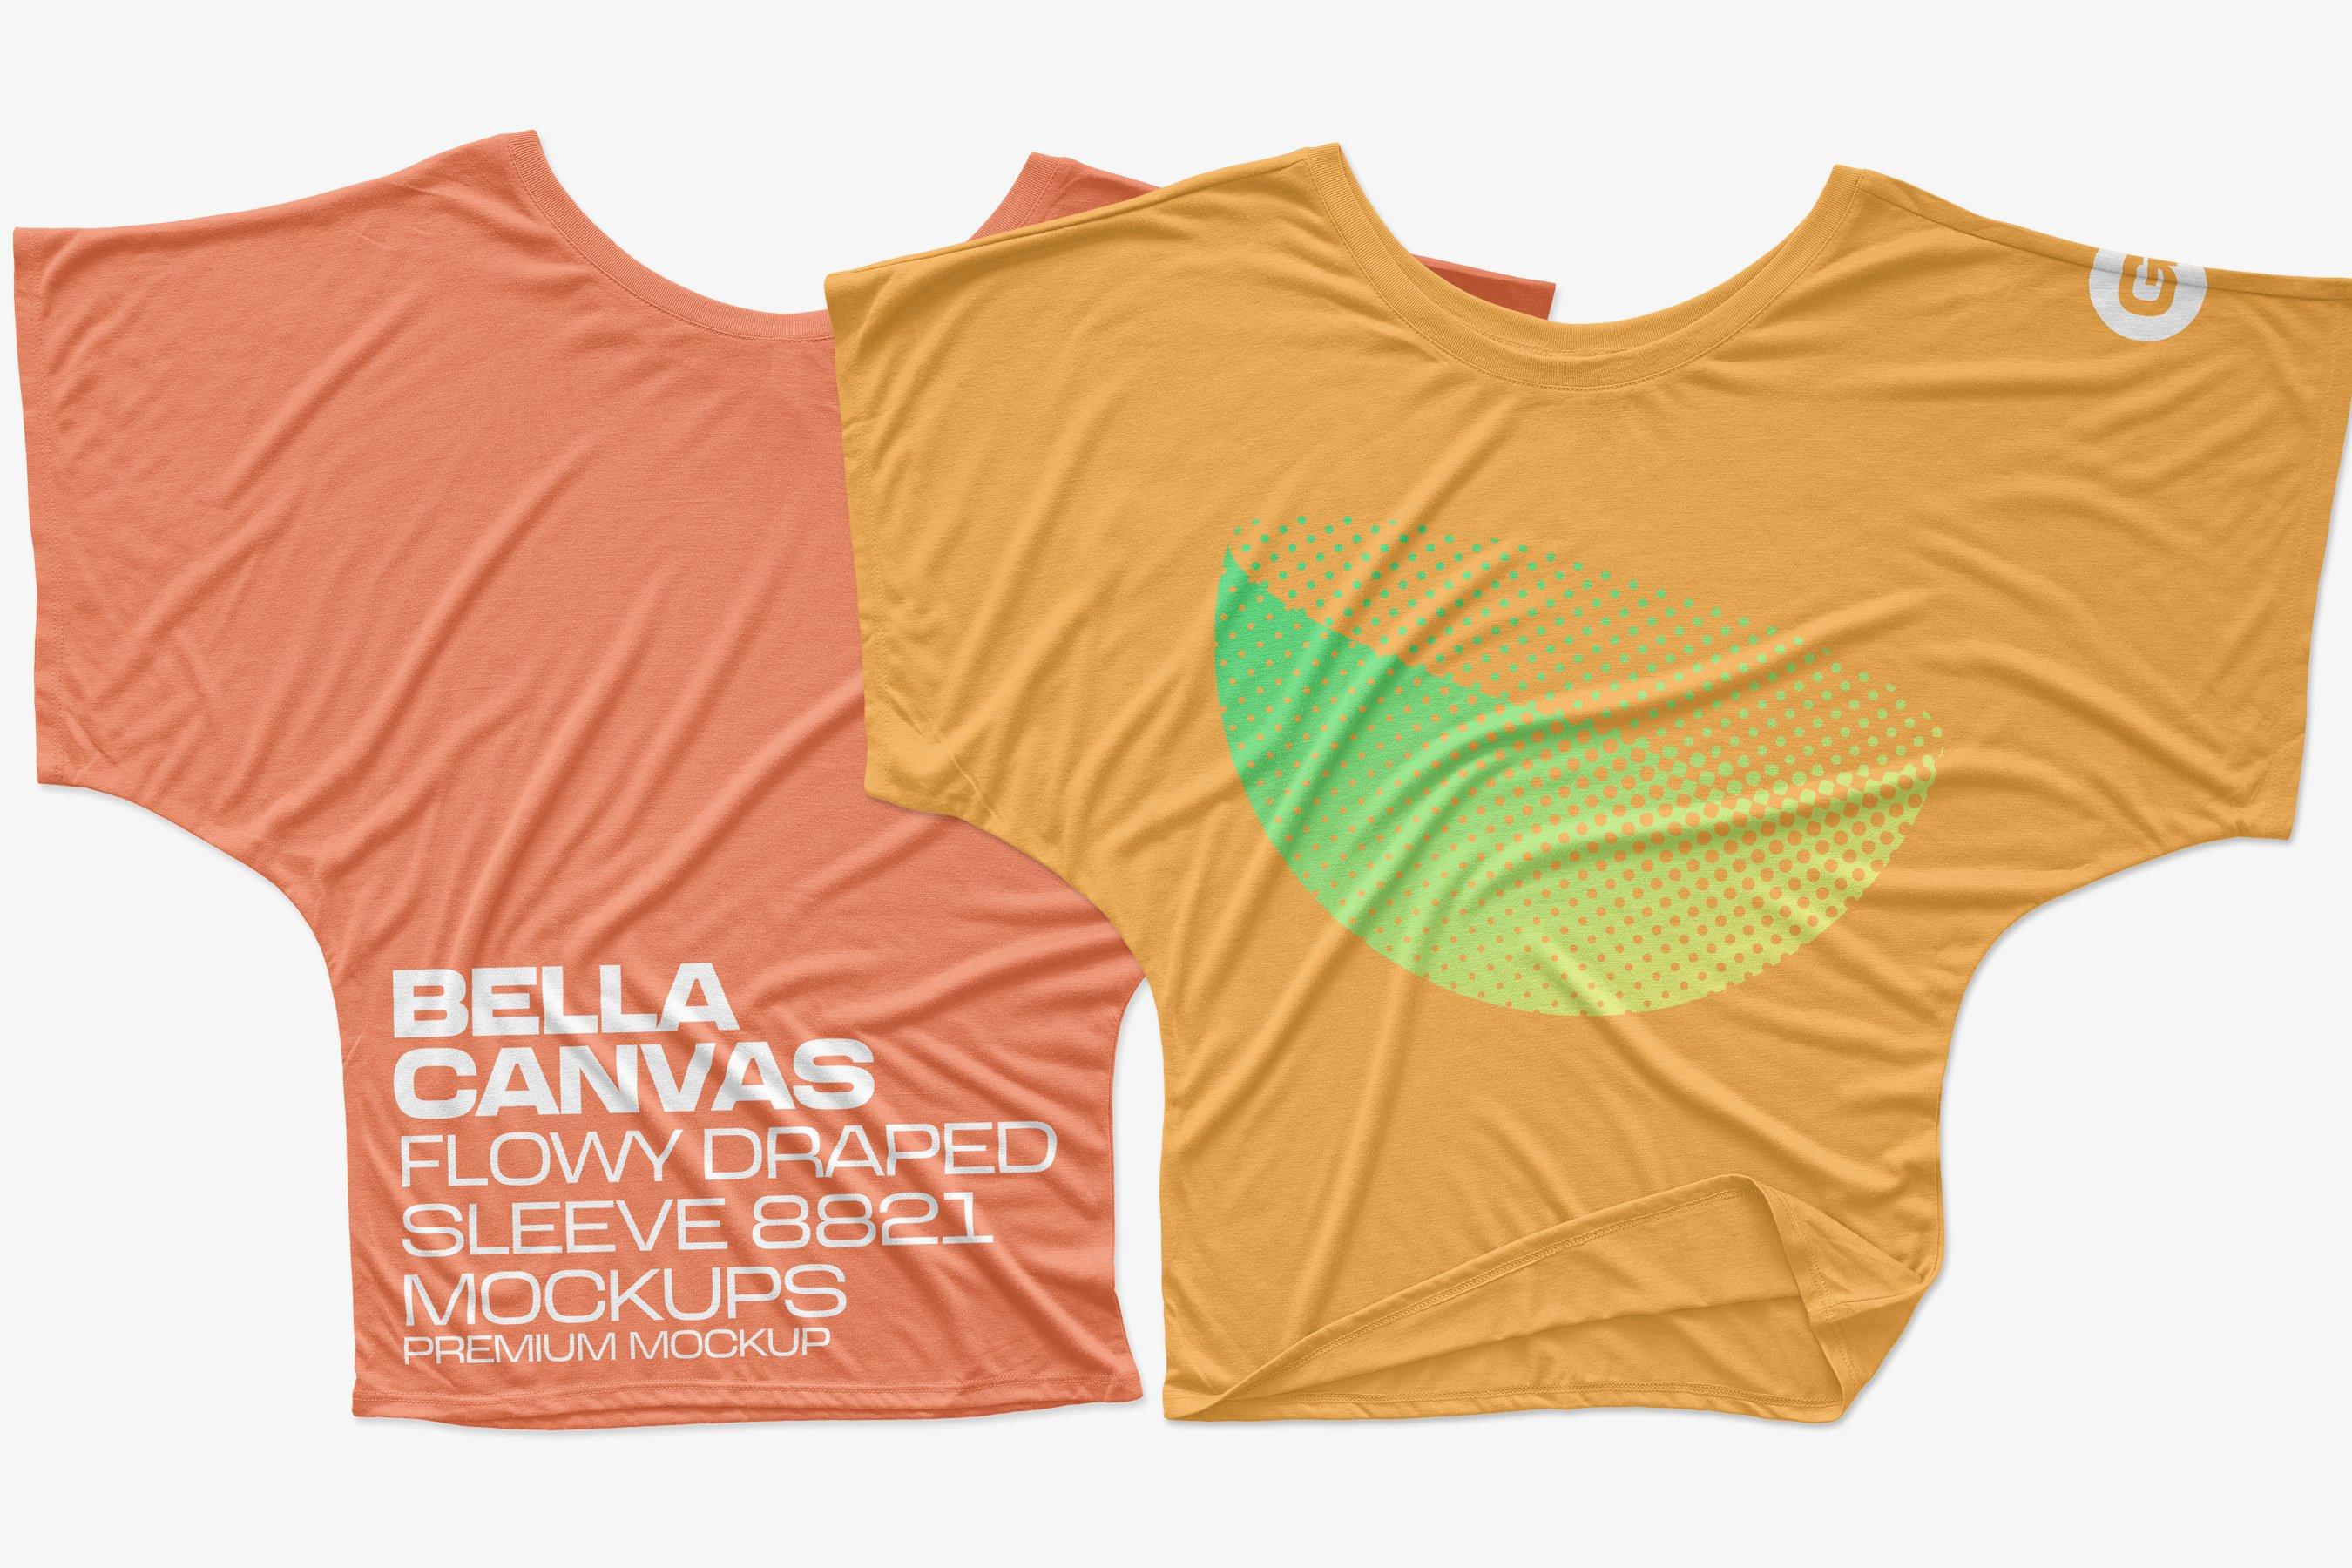 11款逼真女士半袖T恤印花图案展示PS贴图样机模板 Bella Canvas Draped Sleeve Mockups插图2